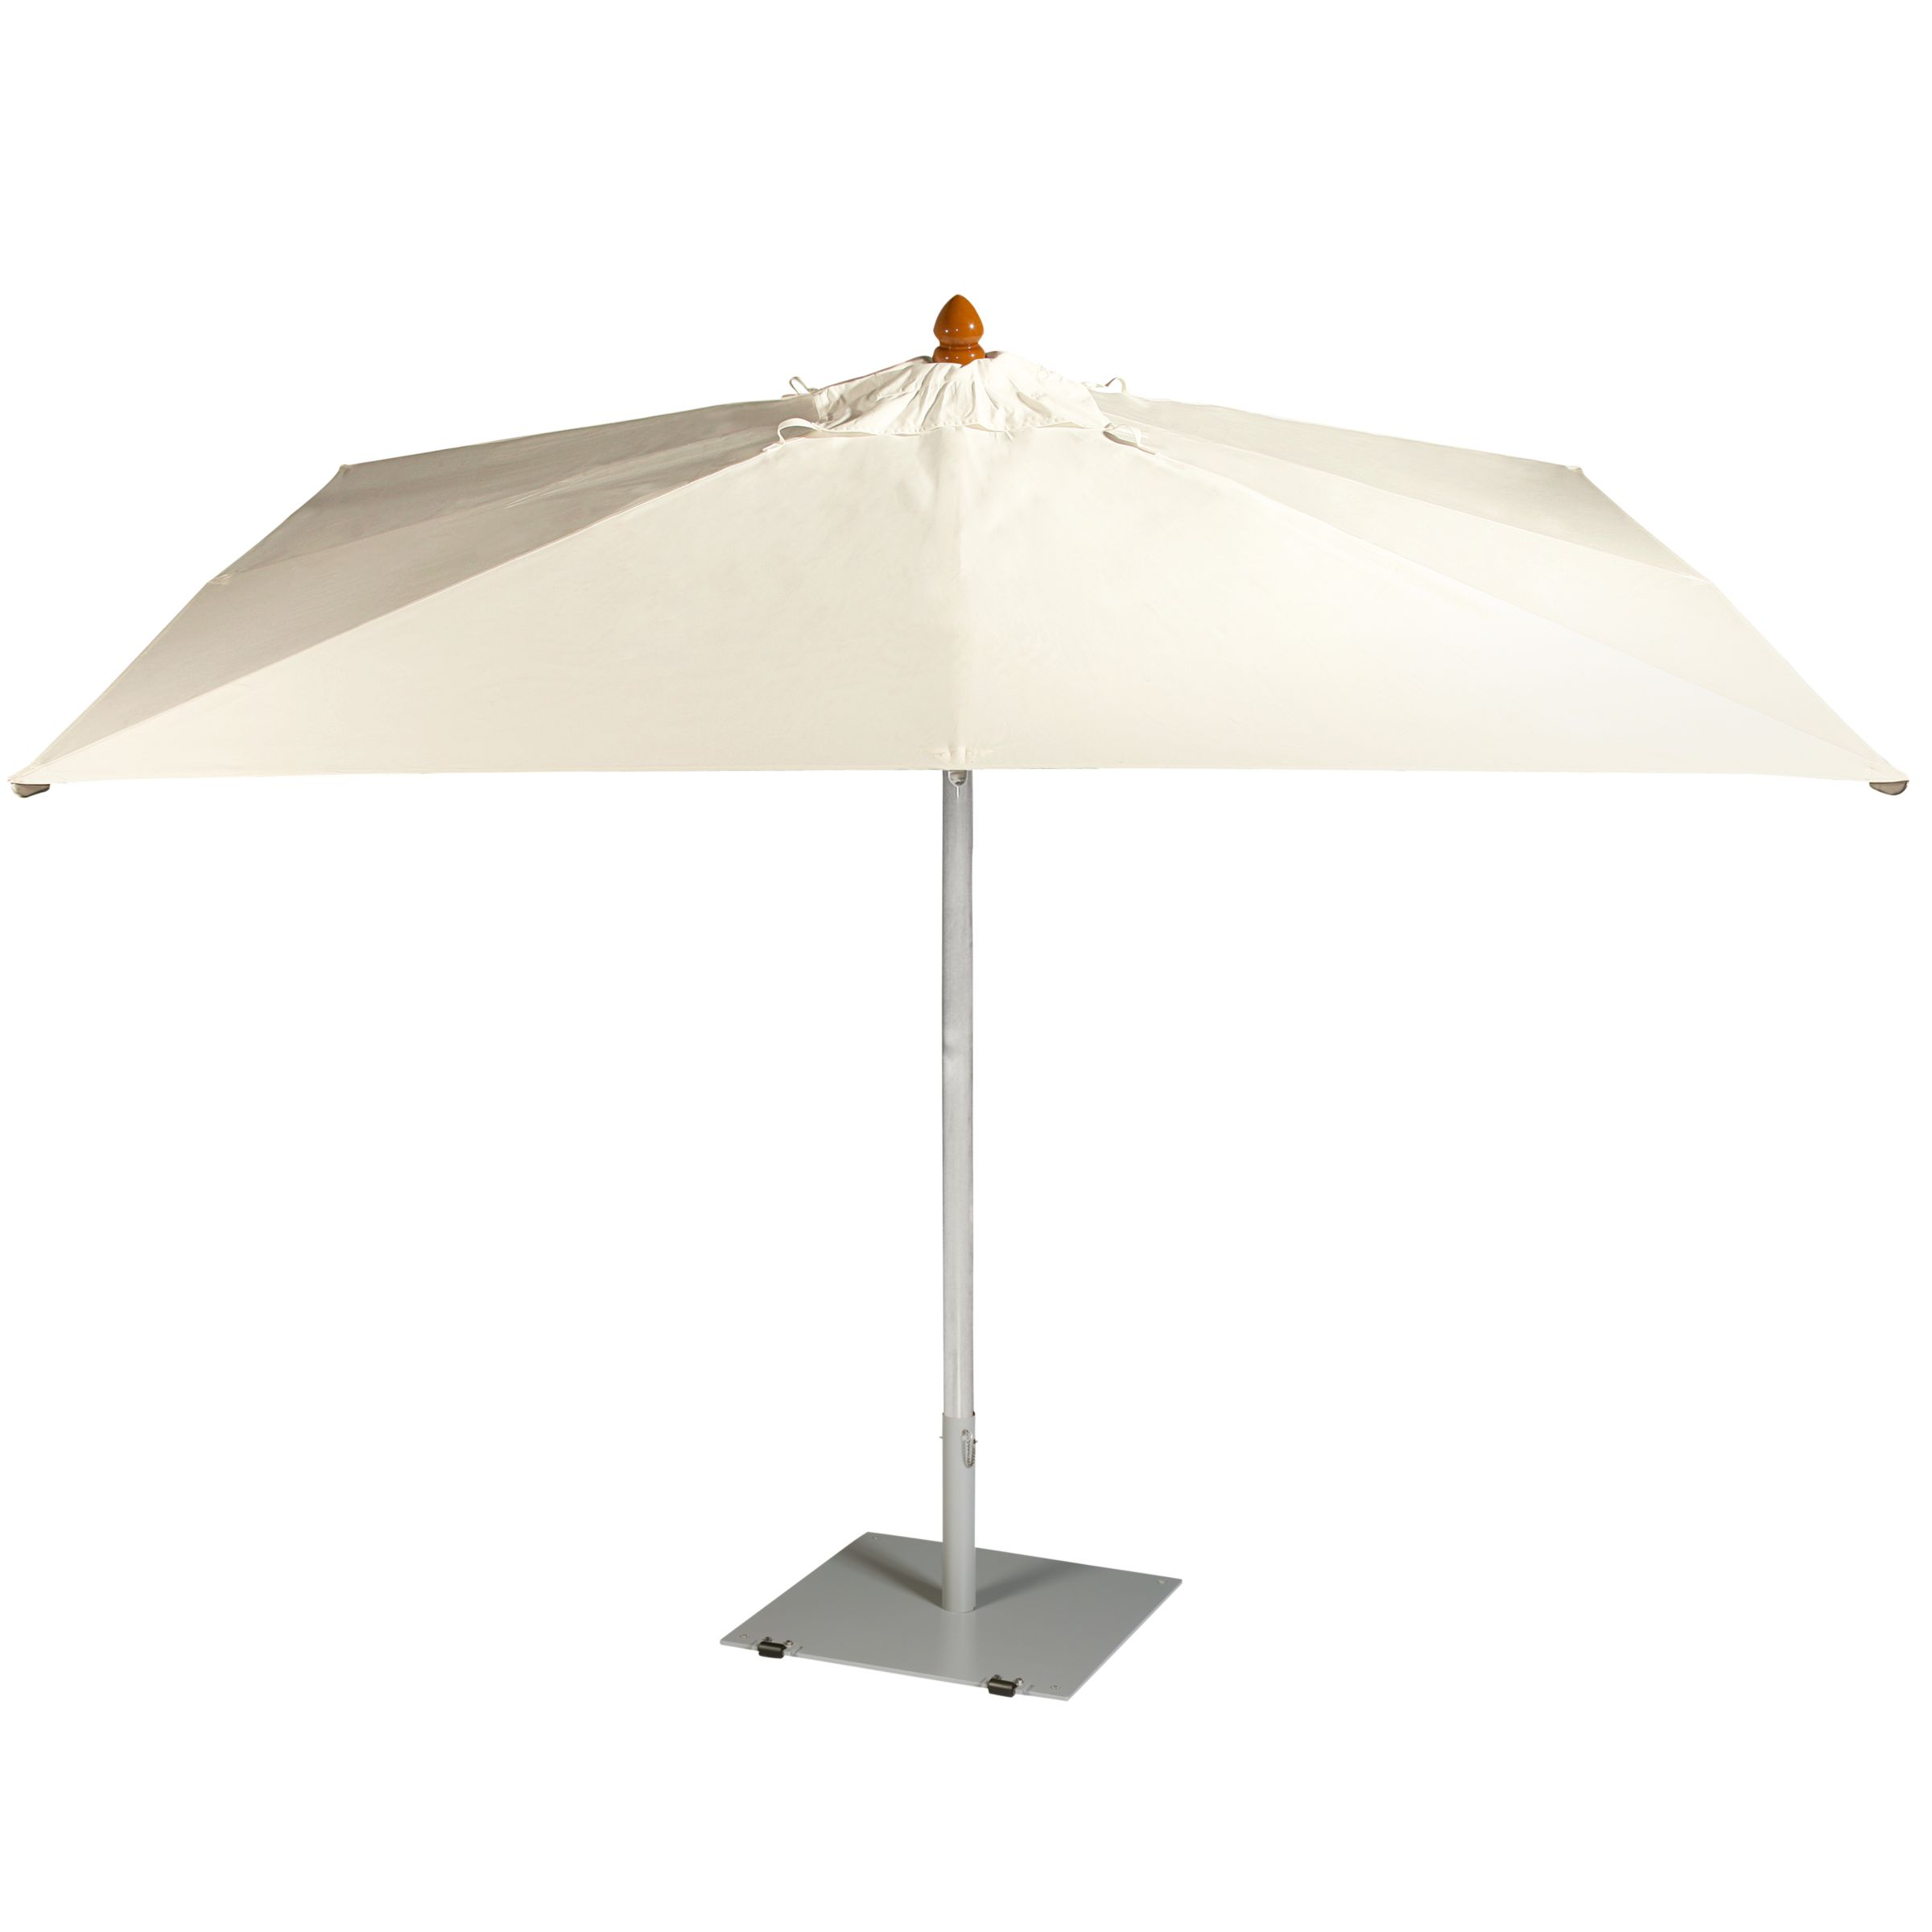 Barlow Tyrie Sail Rectangular Parasol, 300cm